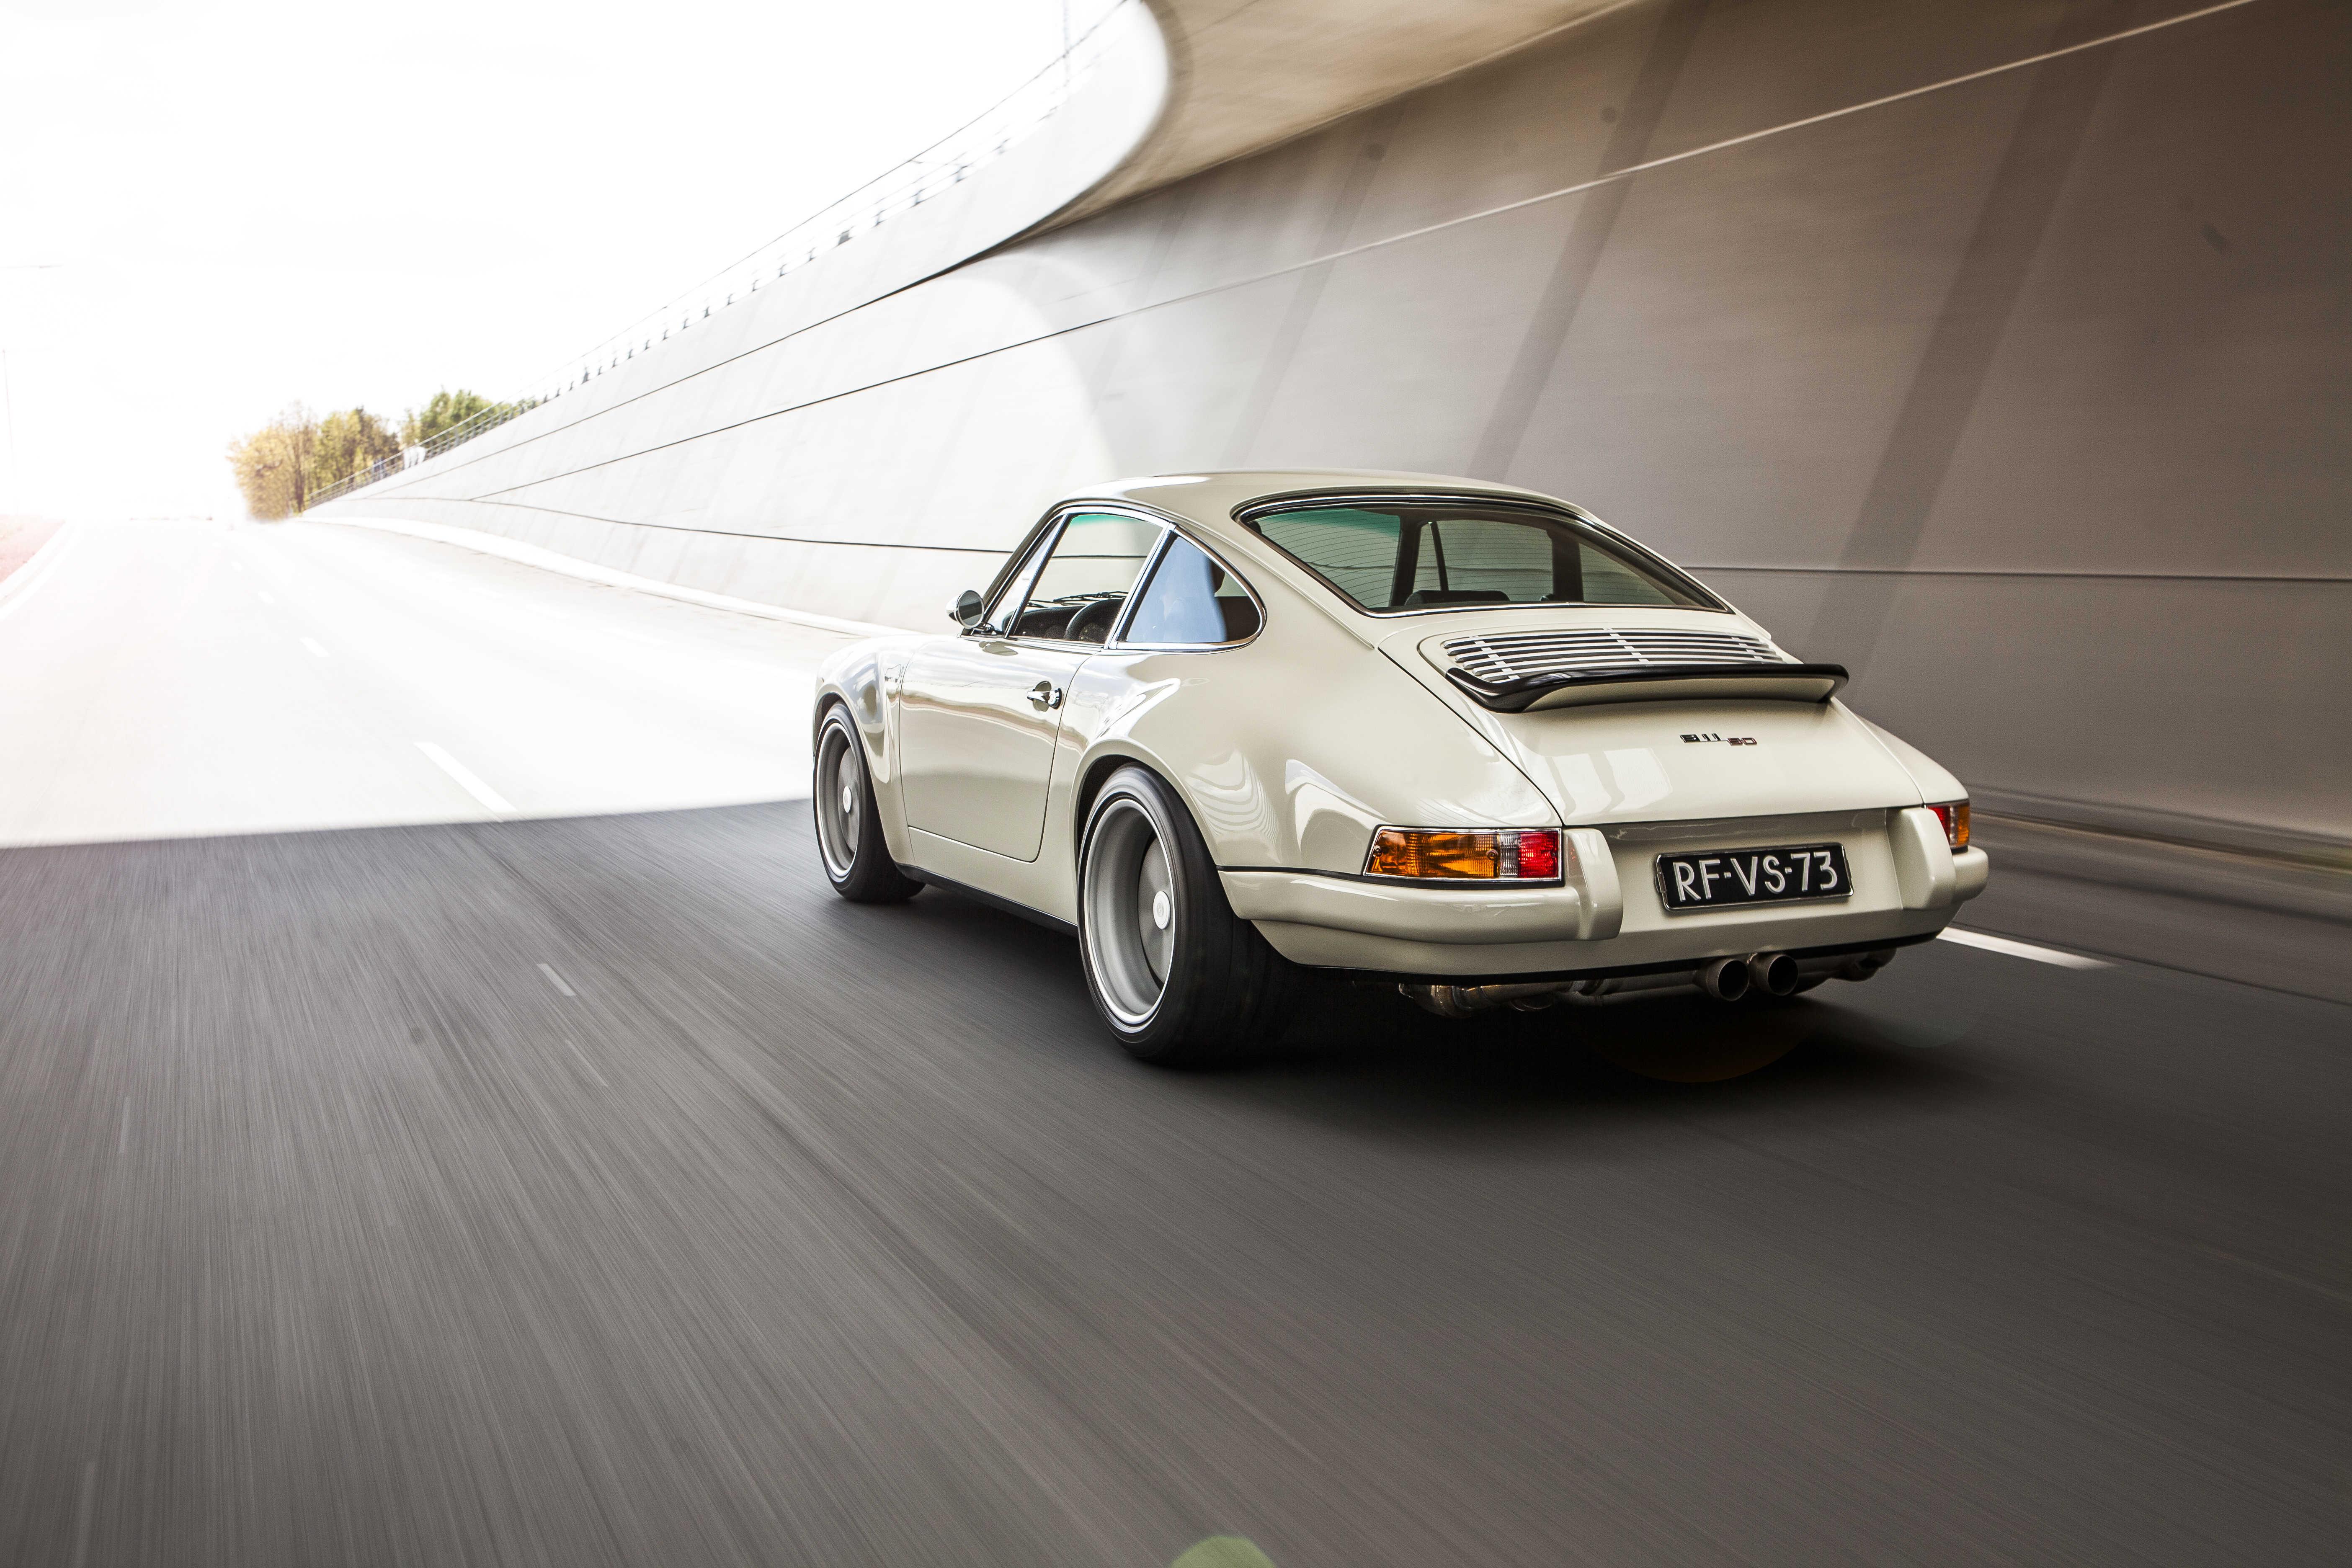 Porsche 911 Von Schmidt #001 17